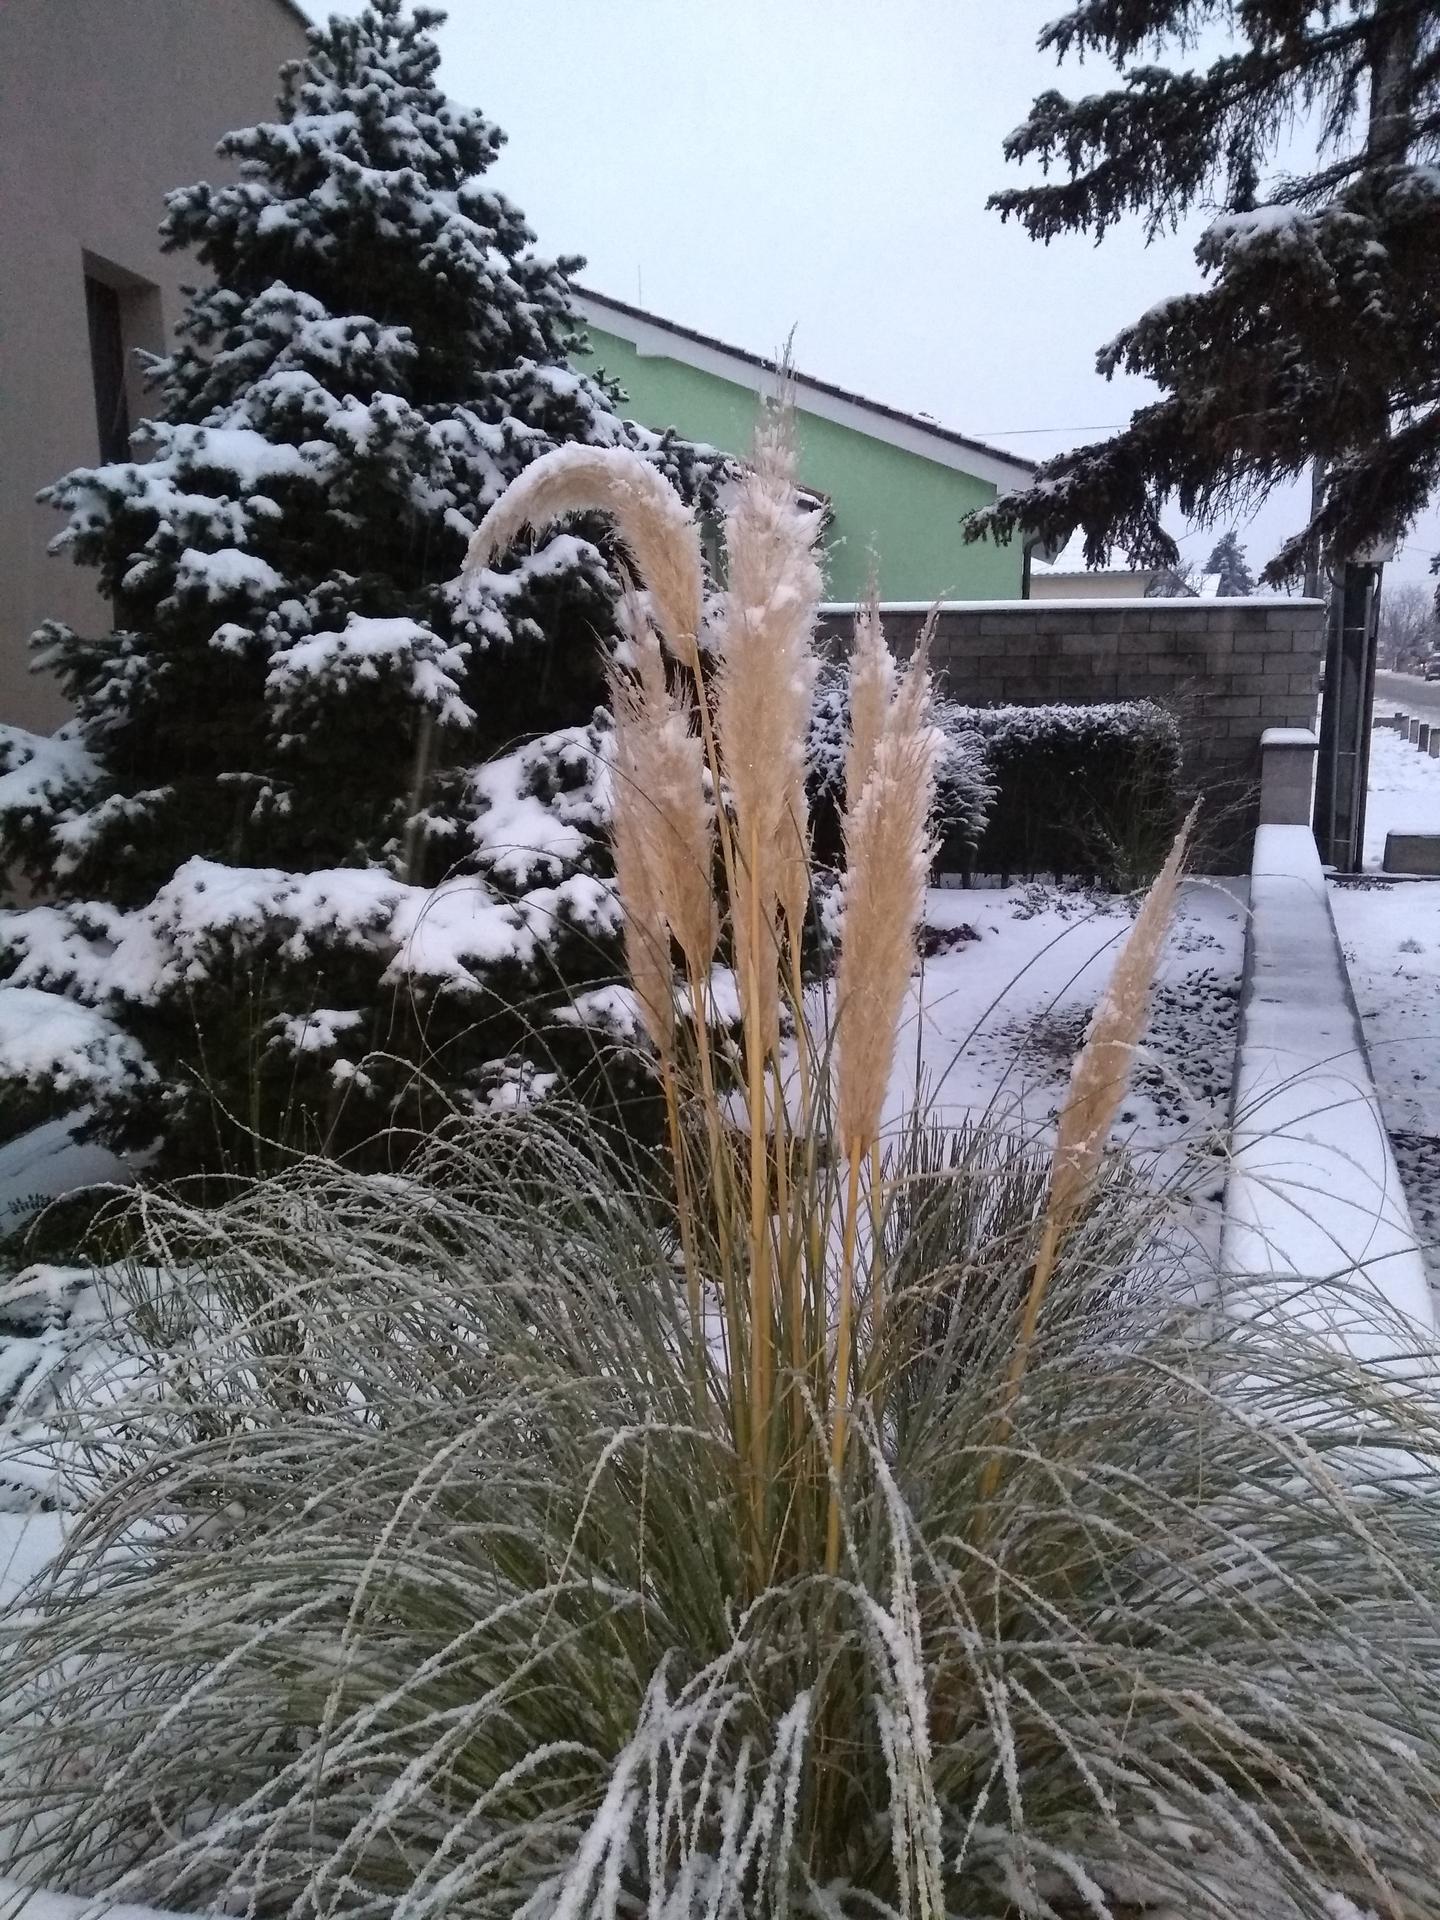 Vonku je lepšie ako vnútri 2021 - Február, tráva sa sama rozviazala...